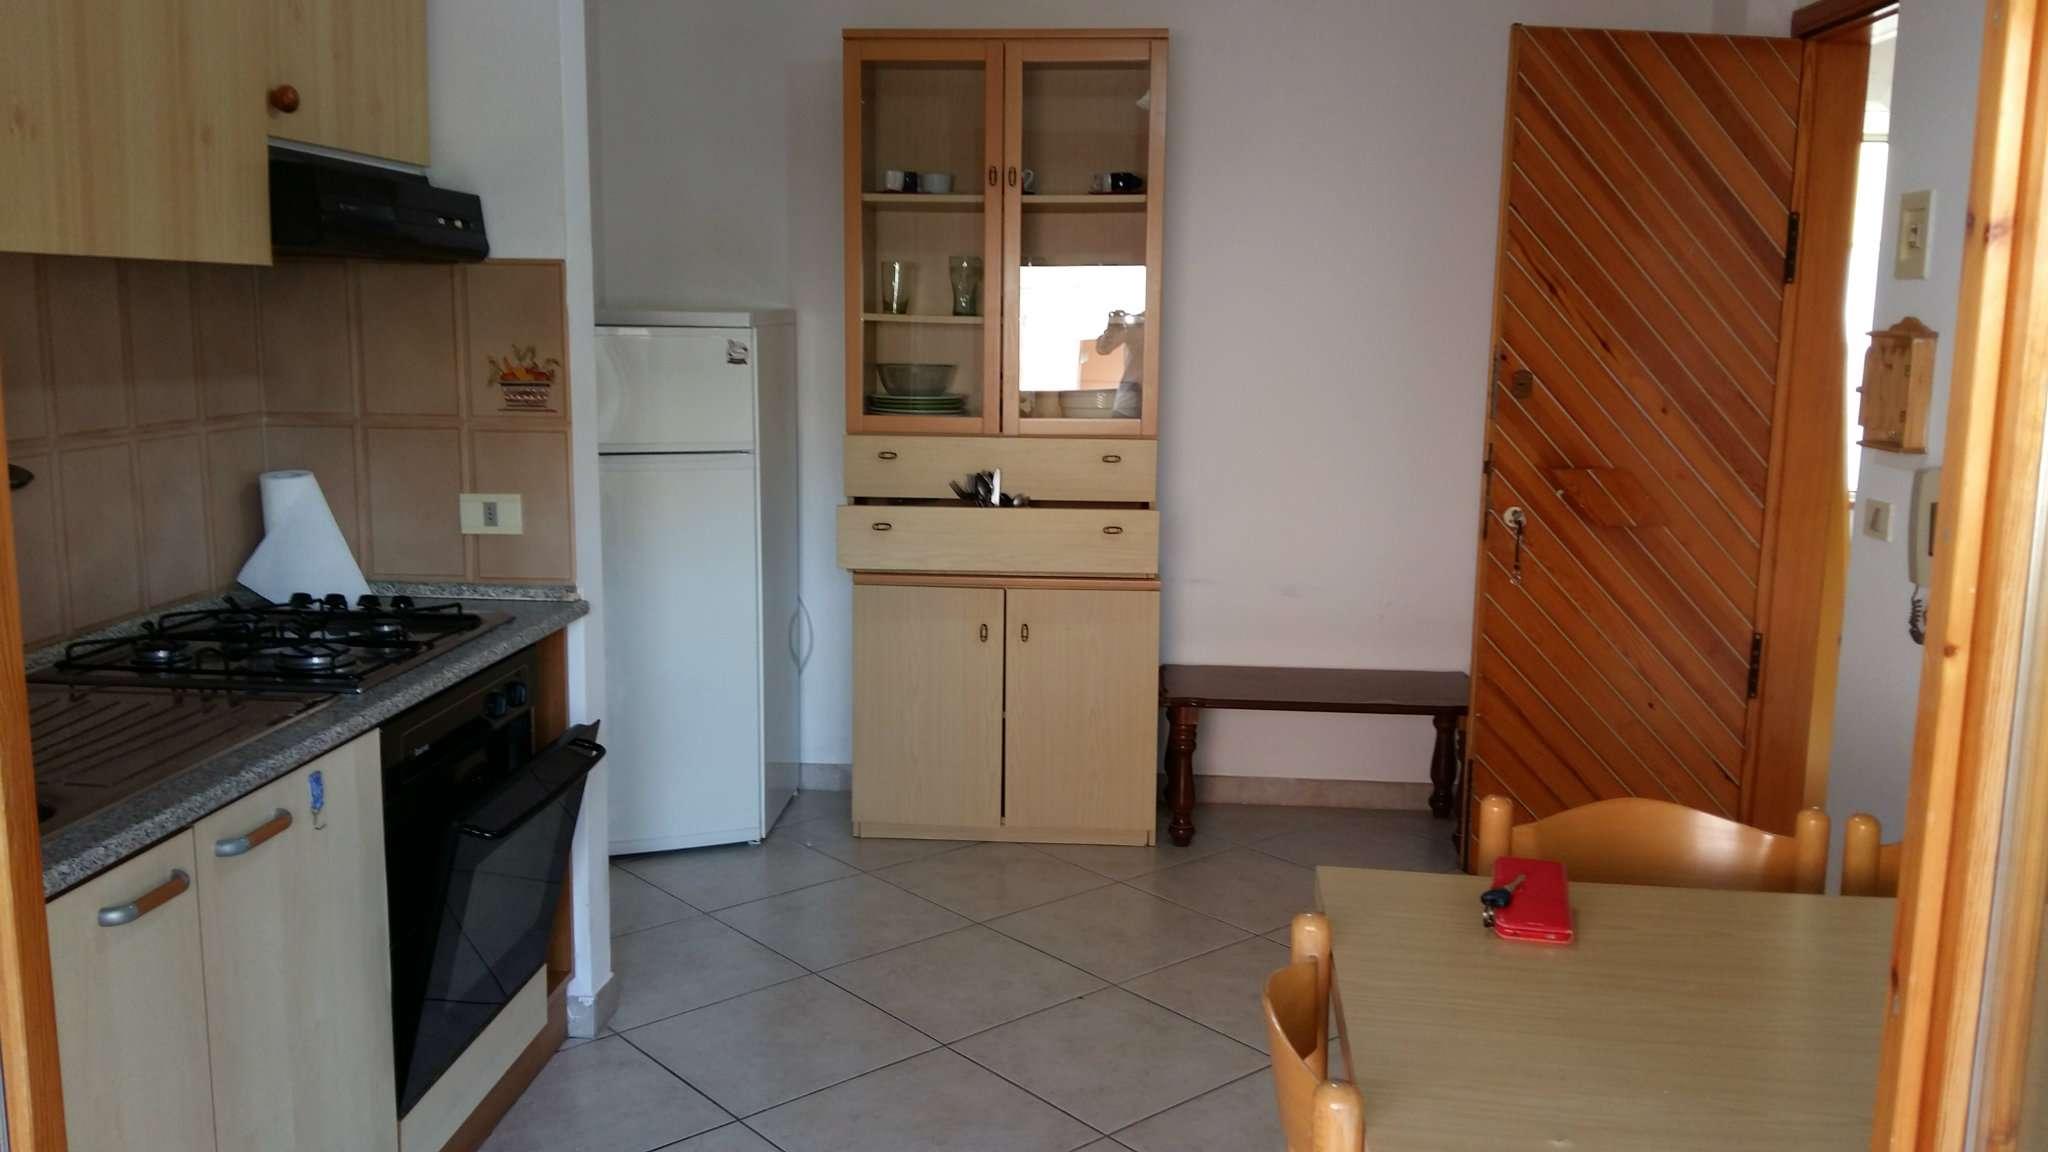 Appartamento bilocale in affitto a Montesilvano (PE)